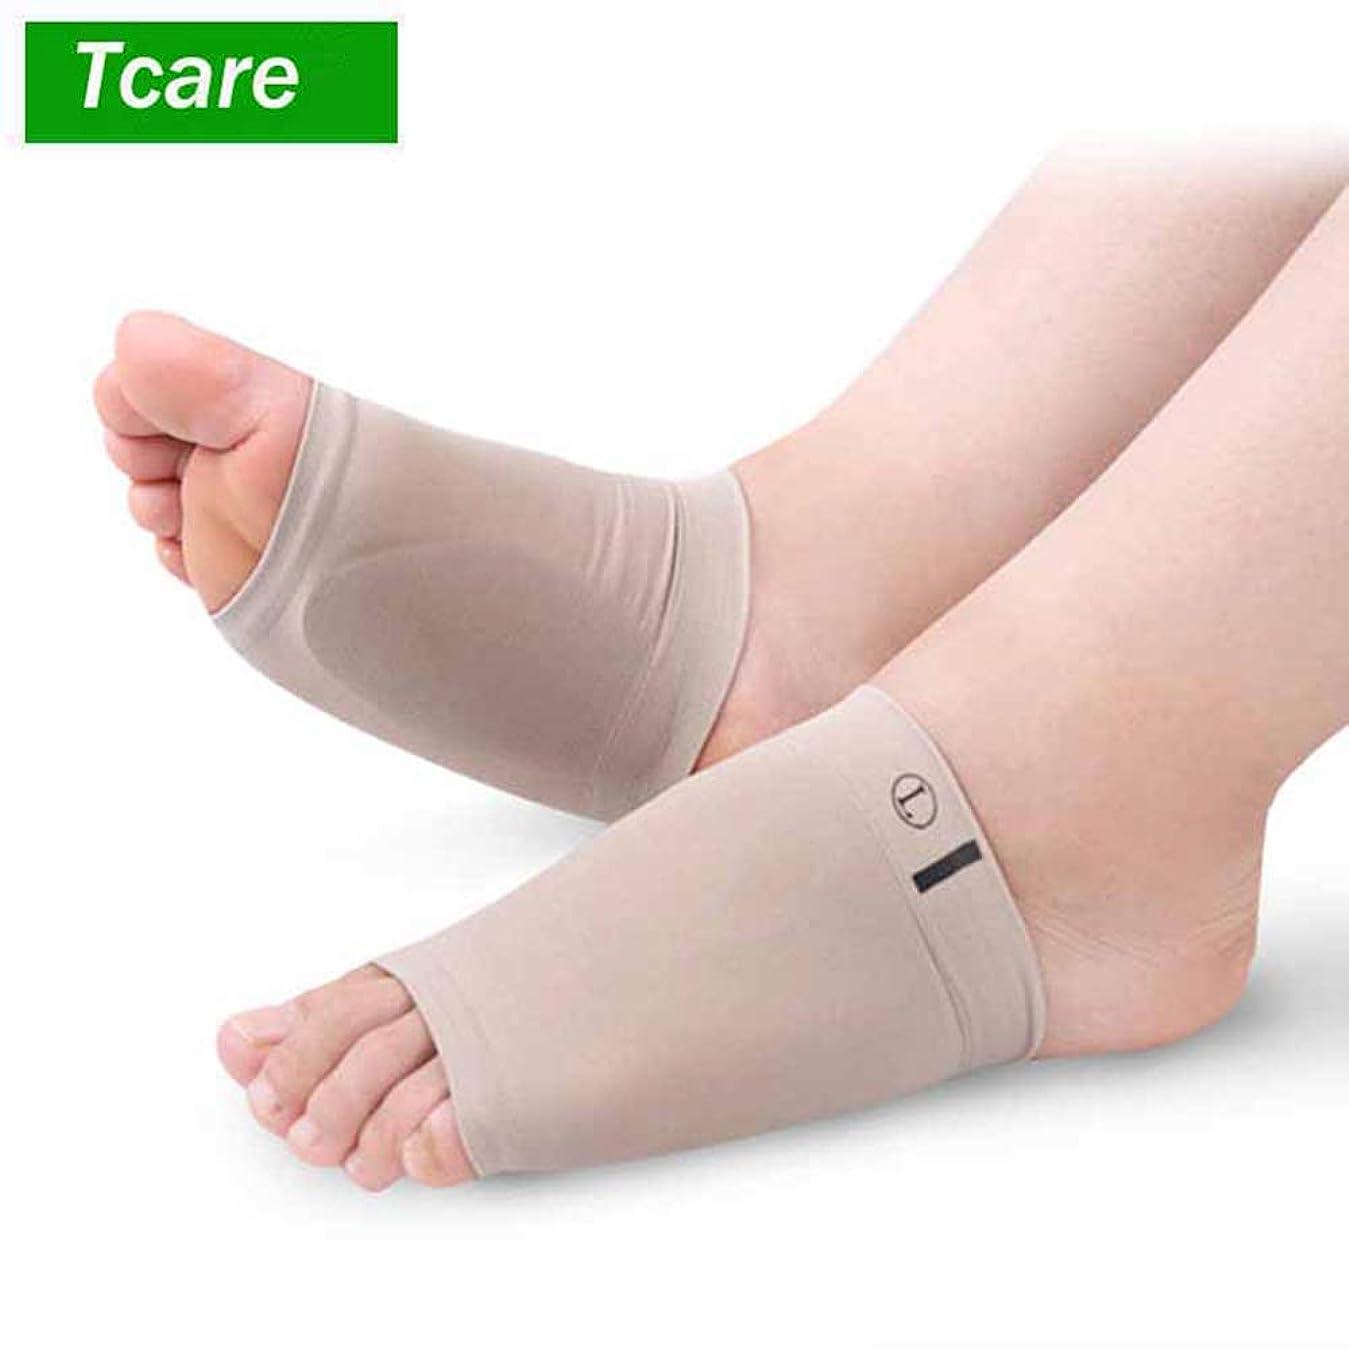 委任するがっかりするペストリーゲルクッション型足関節アーチ支持スリーブ対足底筋膜炎フラットフィート痛みヒールスパーズヒールニューロマスヒップフィートと背中の問題からの救済